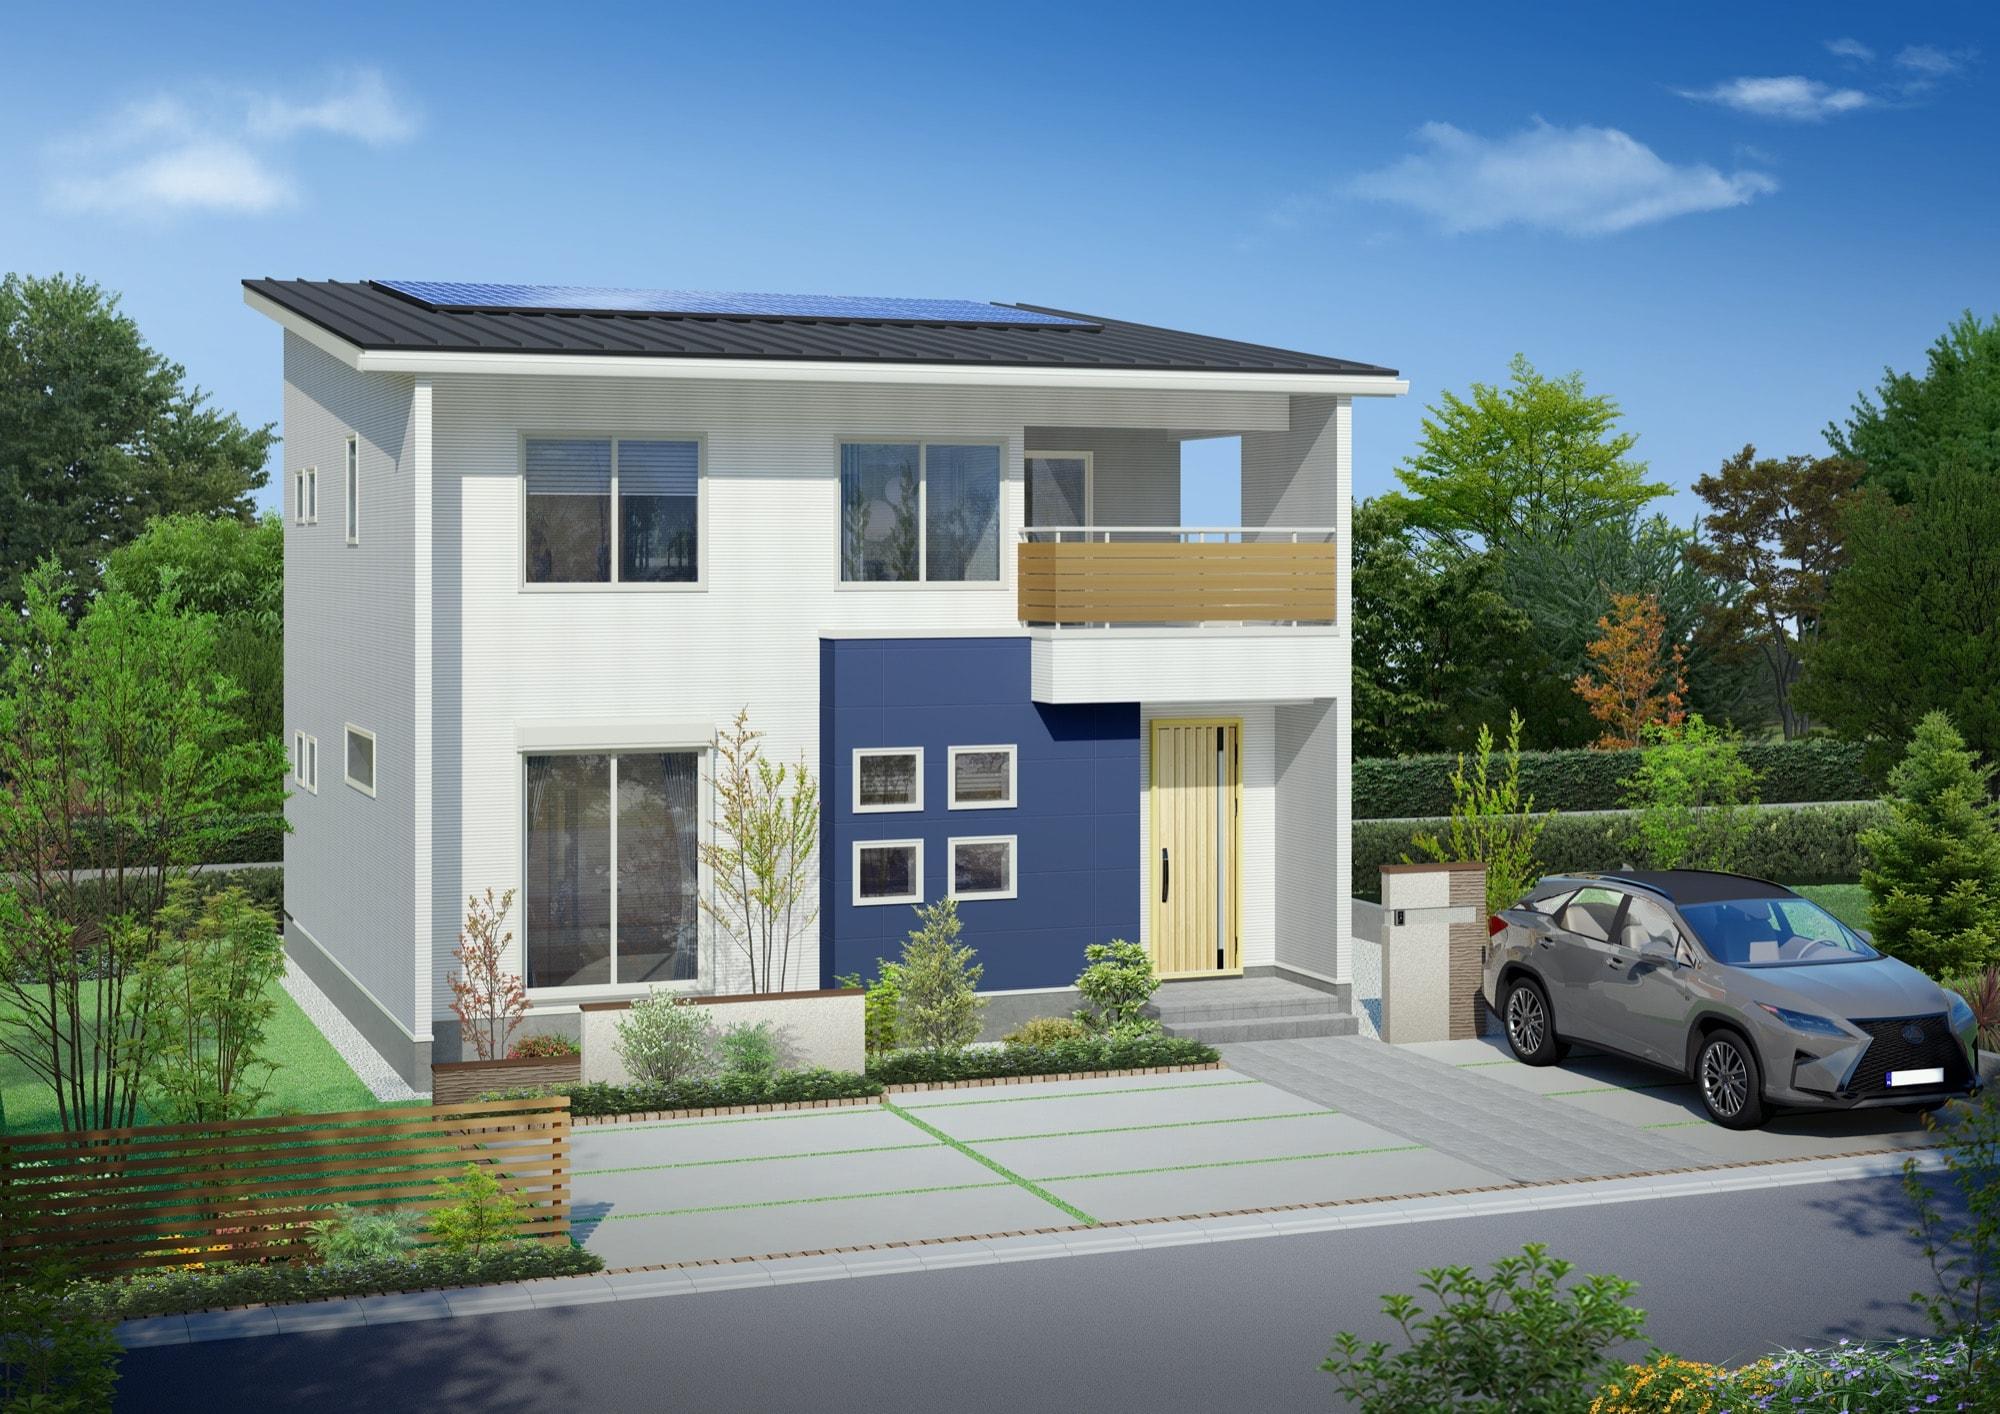 新モデルハウス(一宮市常願通)がいよいよオープン!パッシブデザイン・全館冷暖房など見所盛りだくさん♪